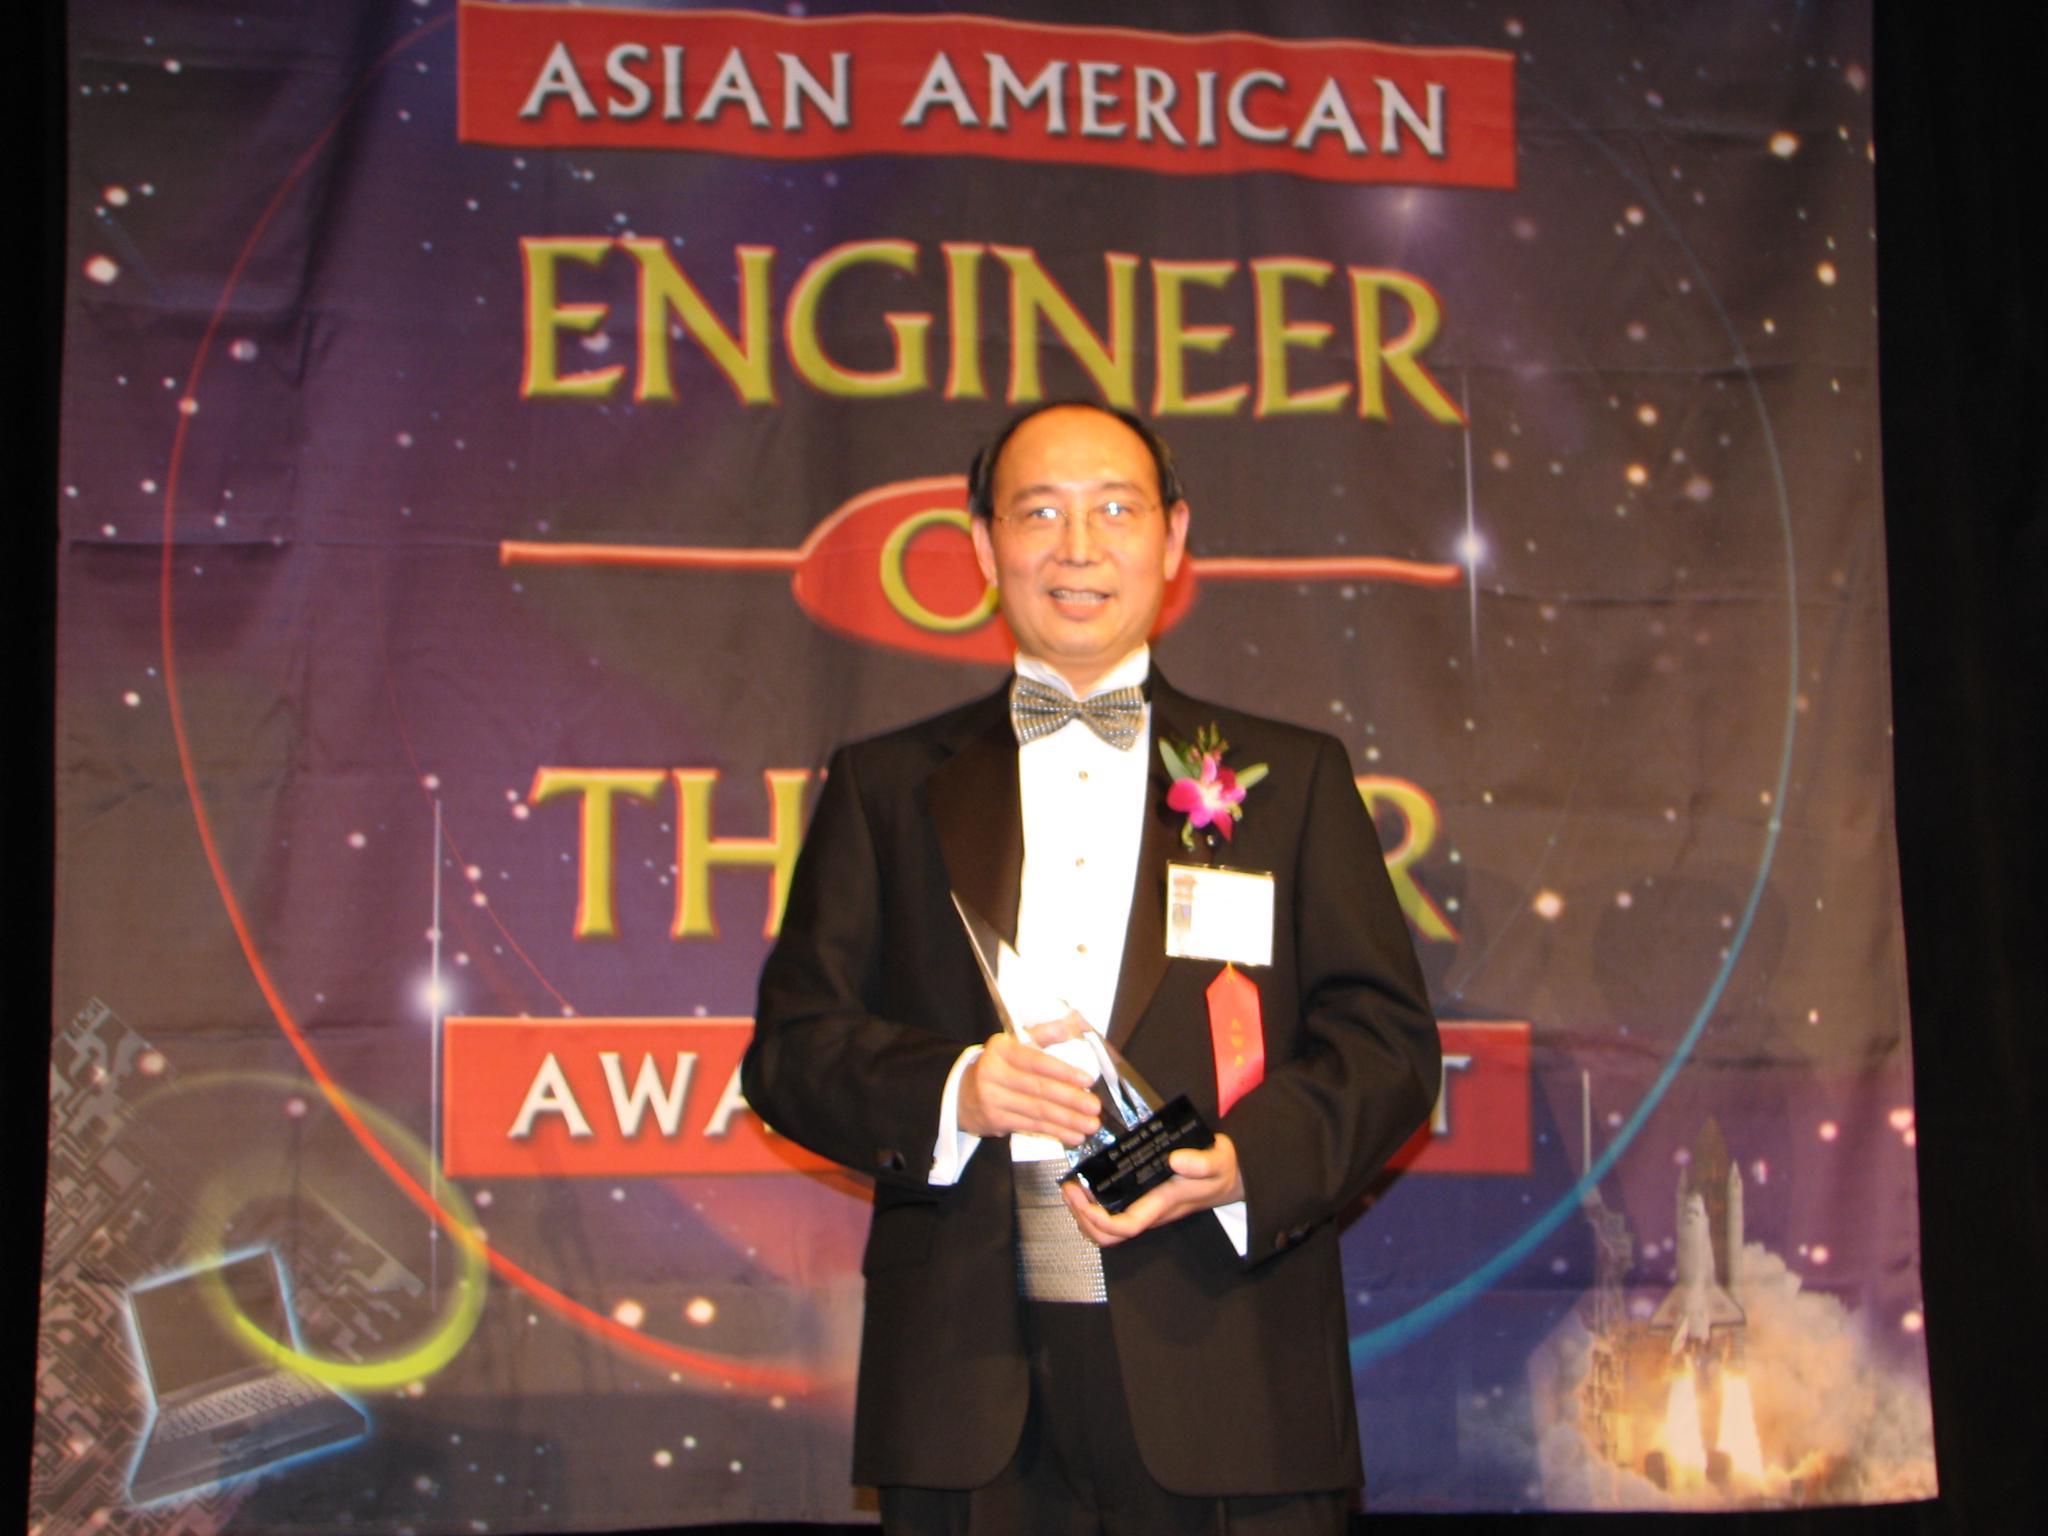 華人之光 吳洵校友榮獲美國「亞裔年度工程師獎」